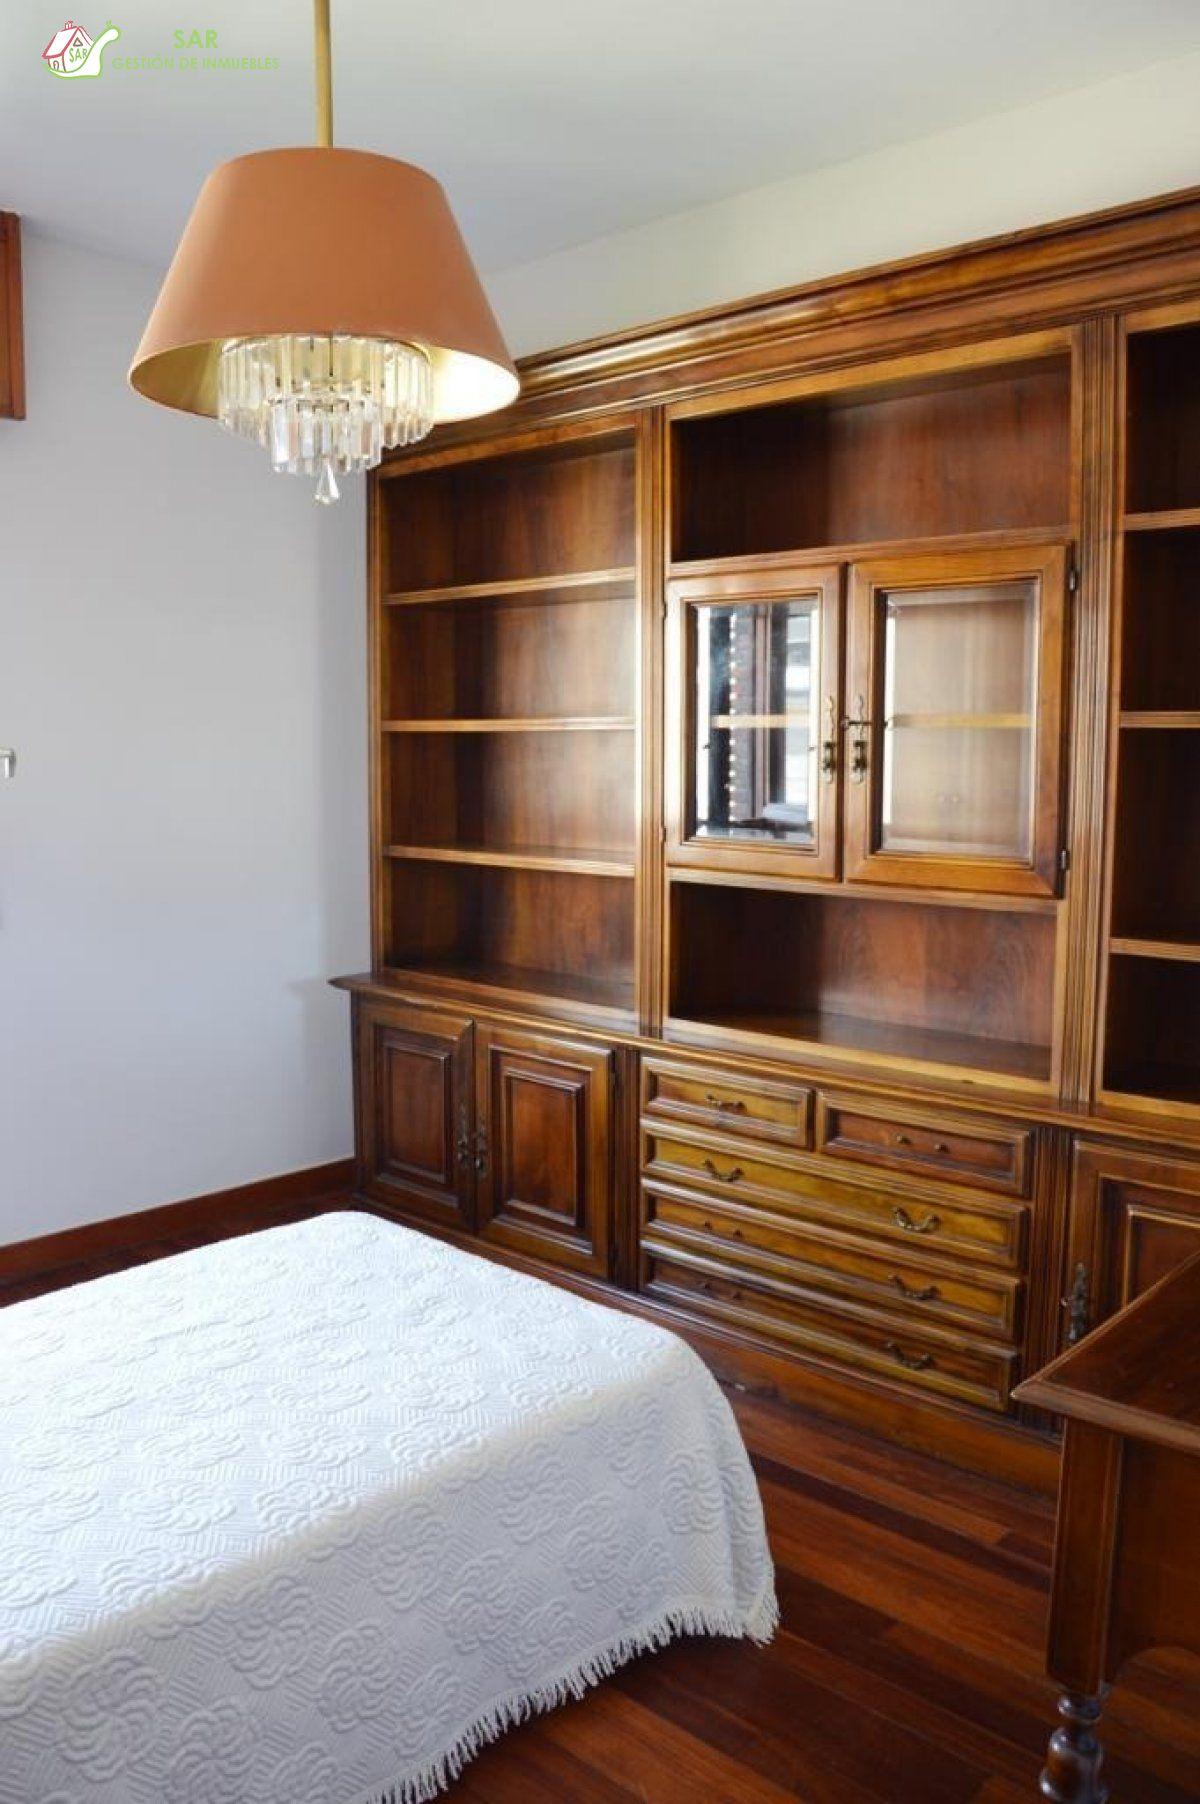 Piso en alquiler en Vitoria-Gasteiz